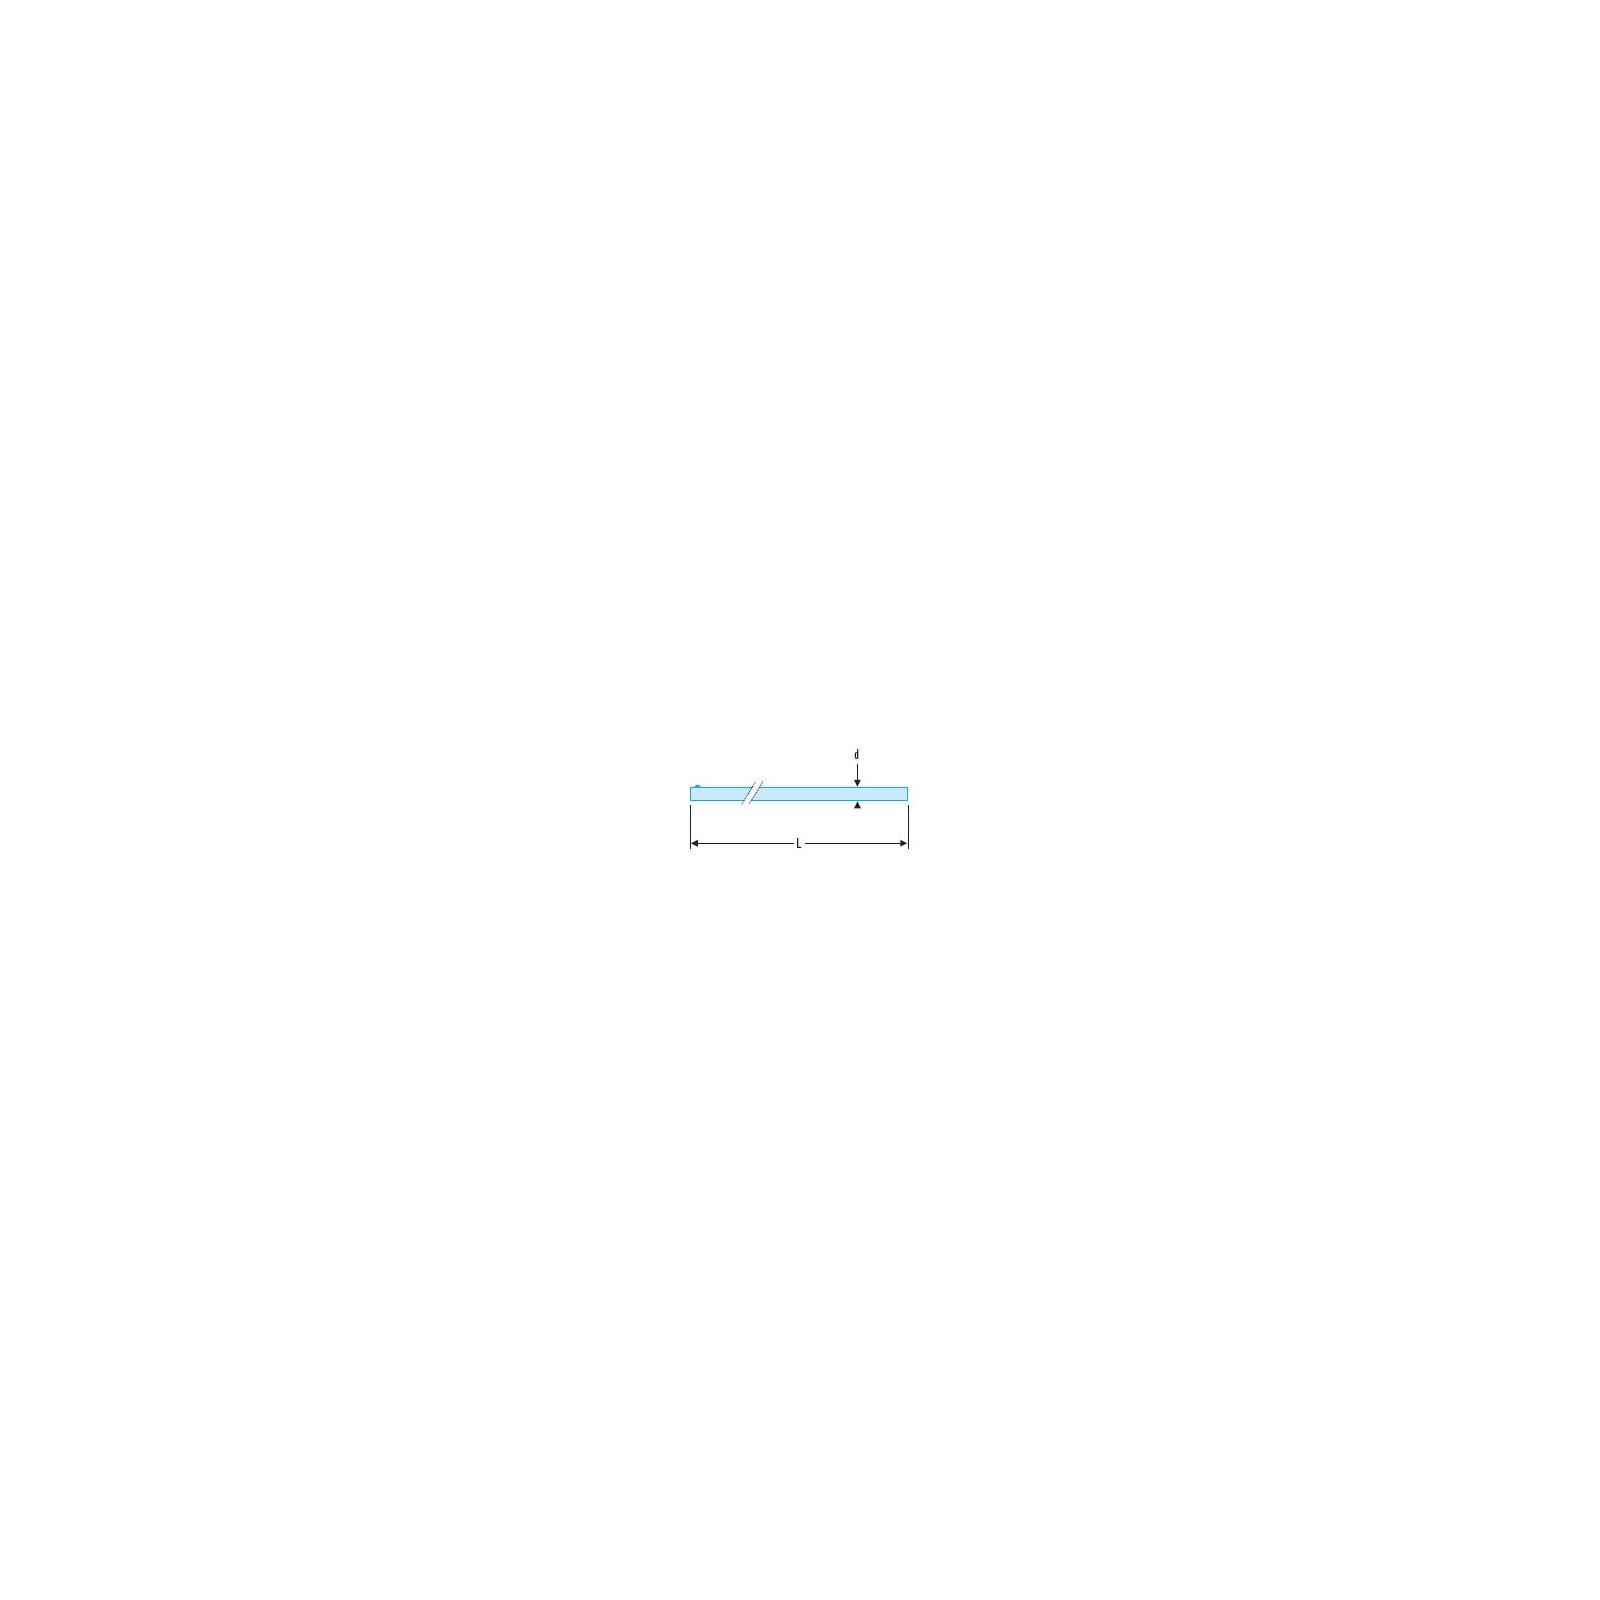 Broche pour cliquet 3/4 425 mm - Facom K.125A